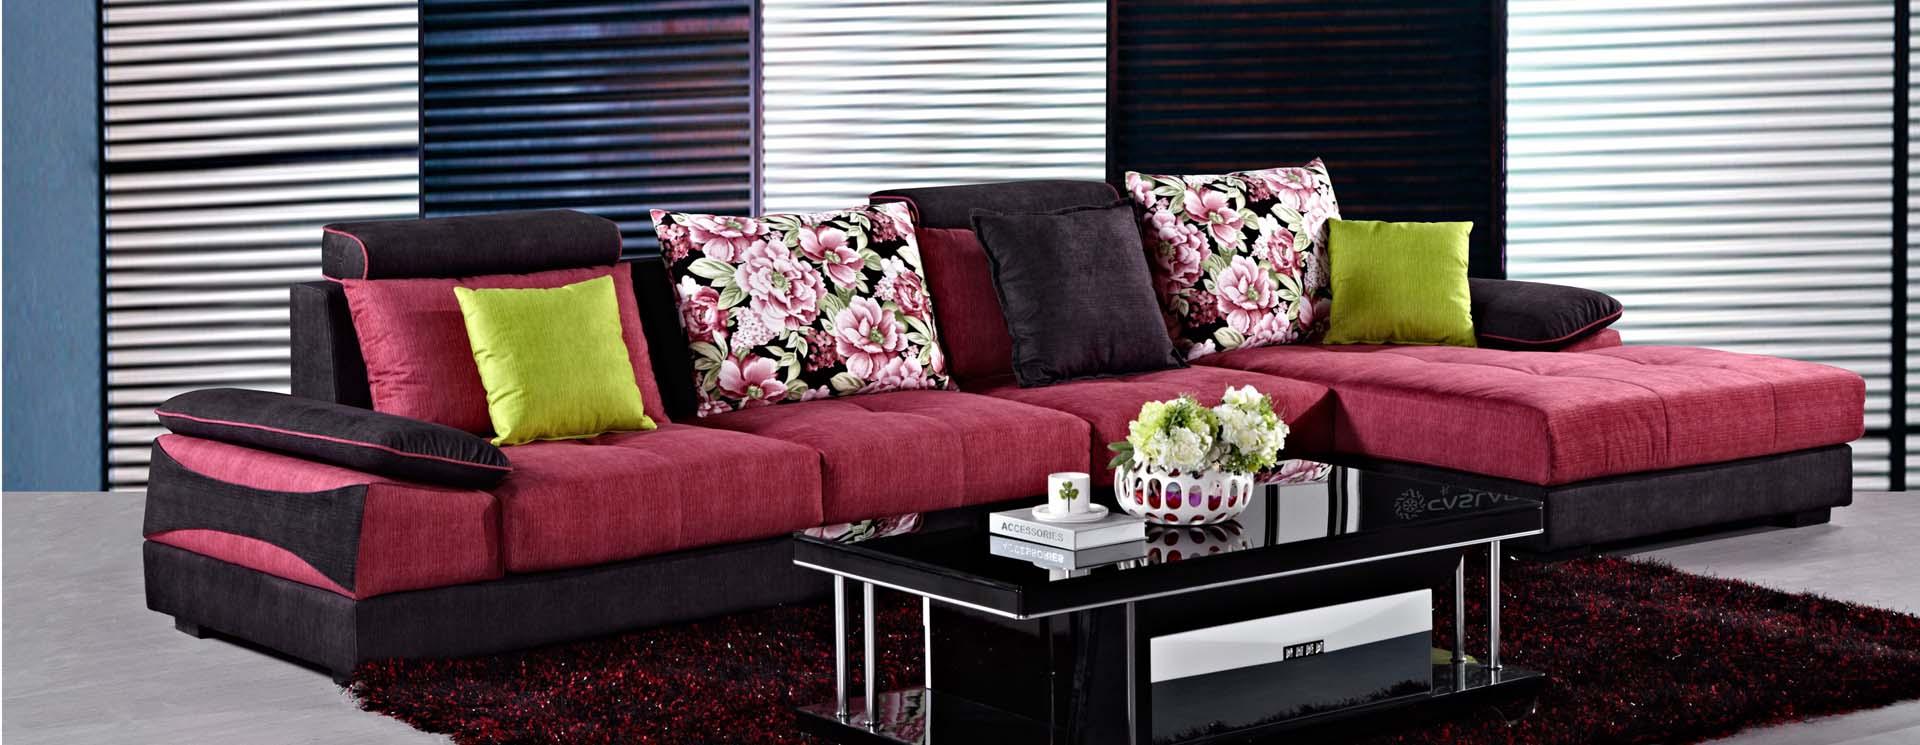 名称:沙发1228#B<br/> 市场价:<font style='color:#999;text-decoration:line-through;'>¥0</font><br />全国统一零售价:<font color='Red'>¥0.0</font>